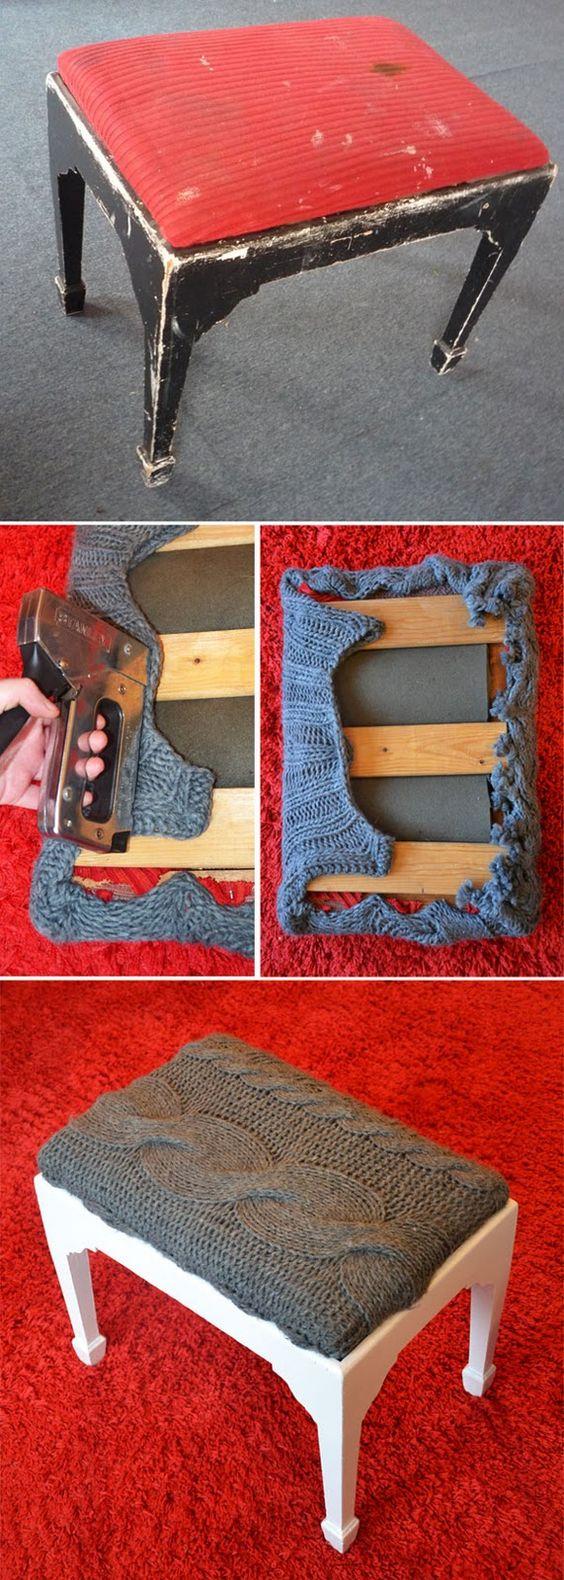 riciclo creativo vecchio maglione 7